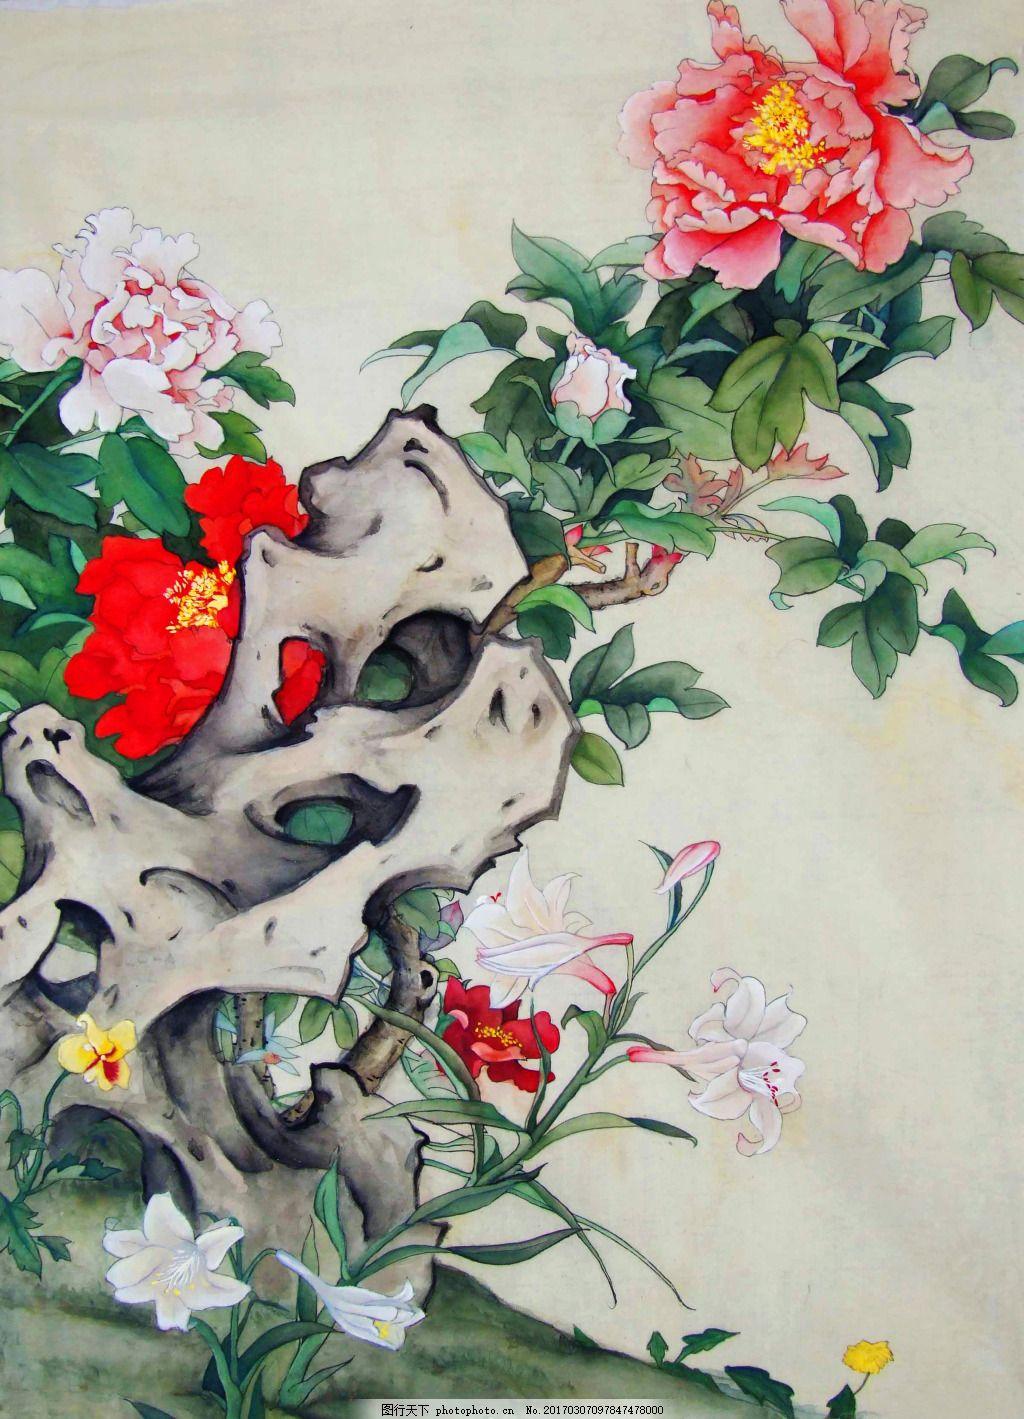 工笔牡丹百合 工笔画 中国画 牡丹花 百合花 传统